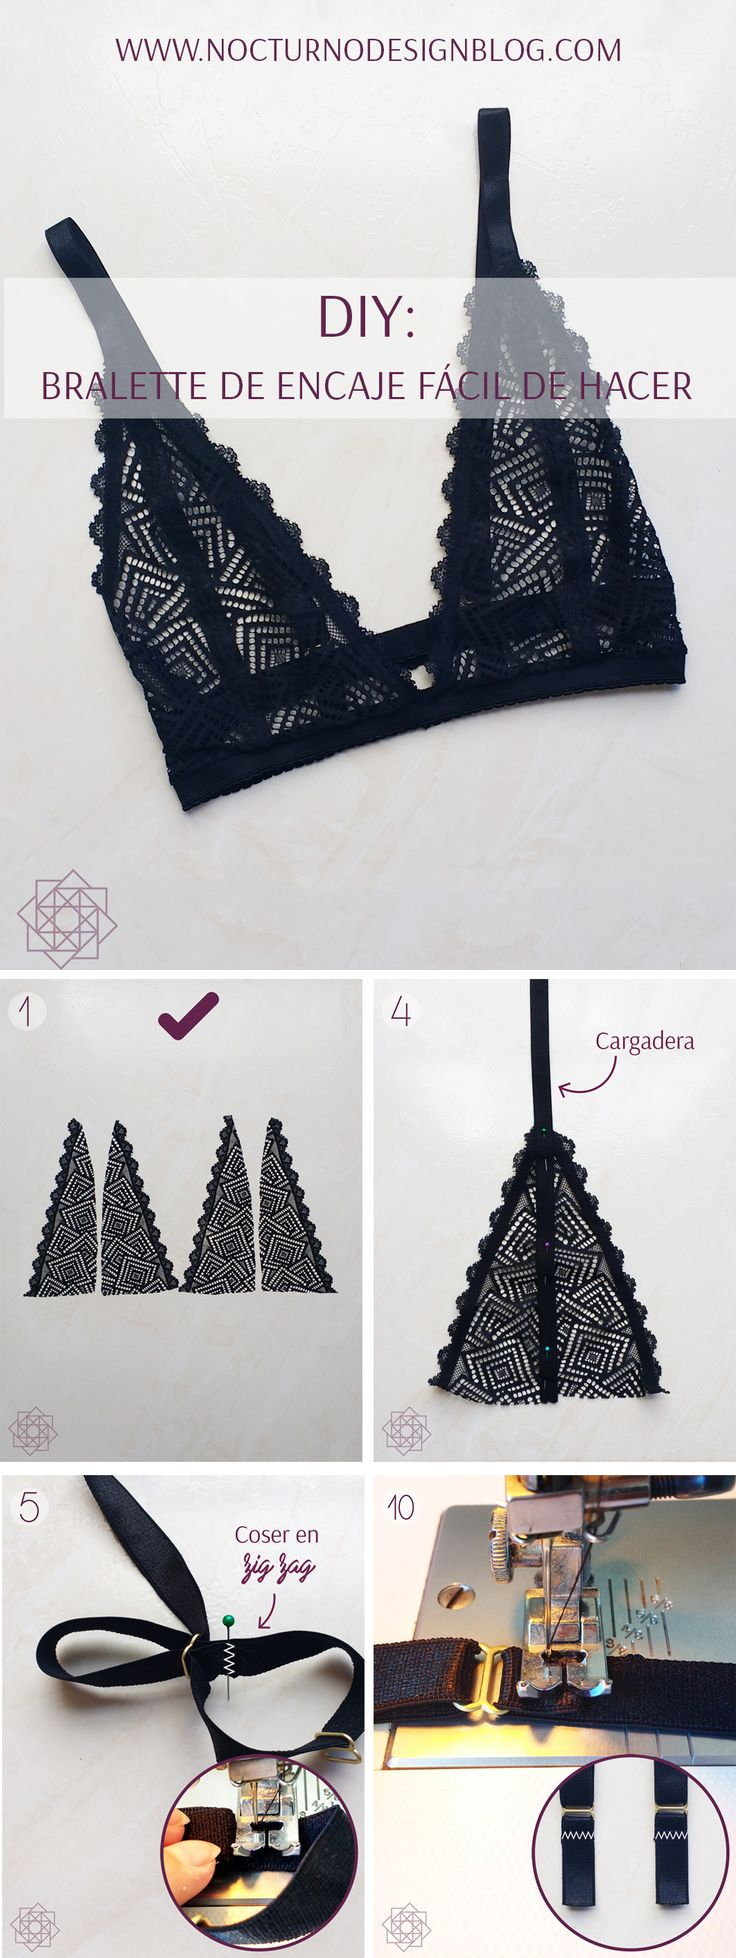 DIY: Bralette de encaje fácil de hacer